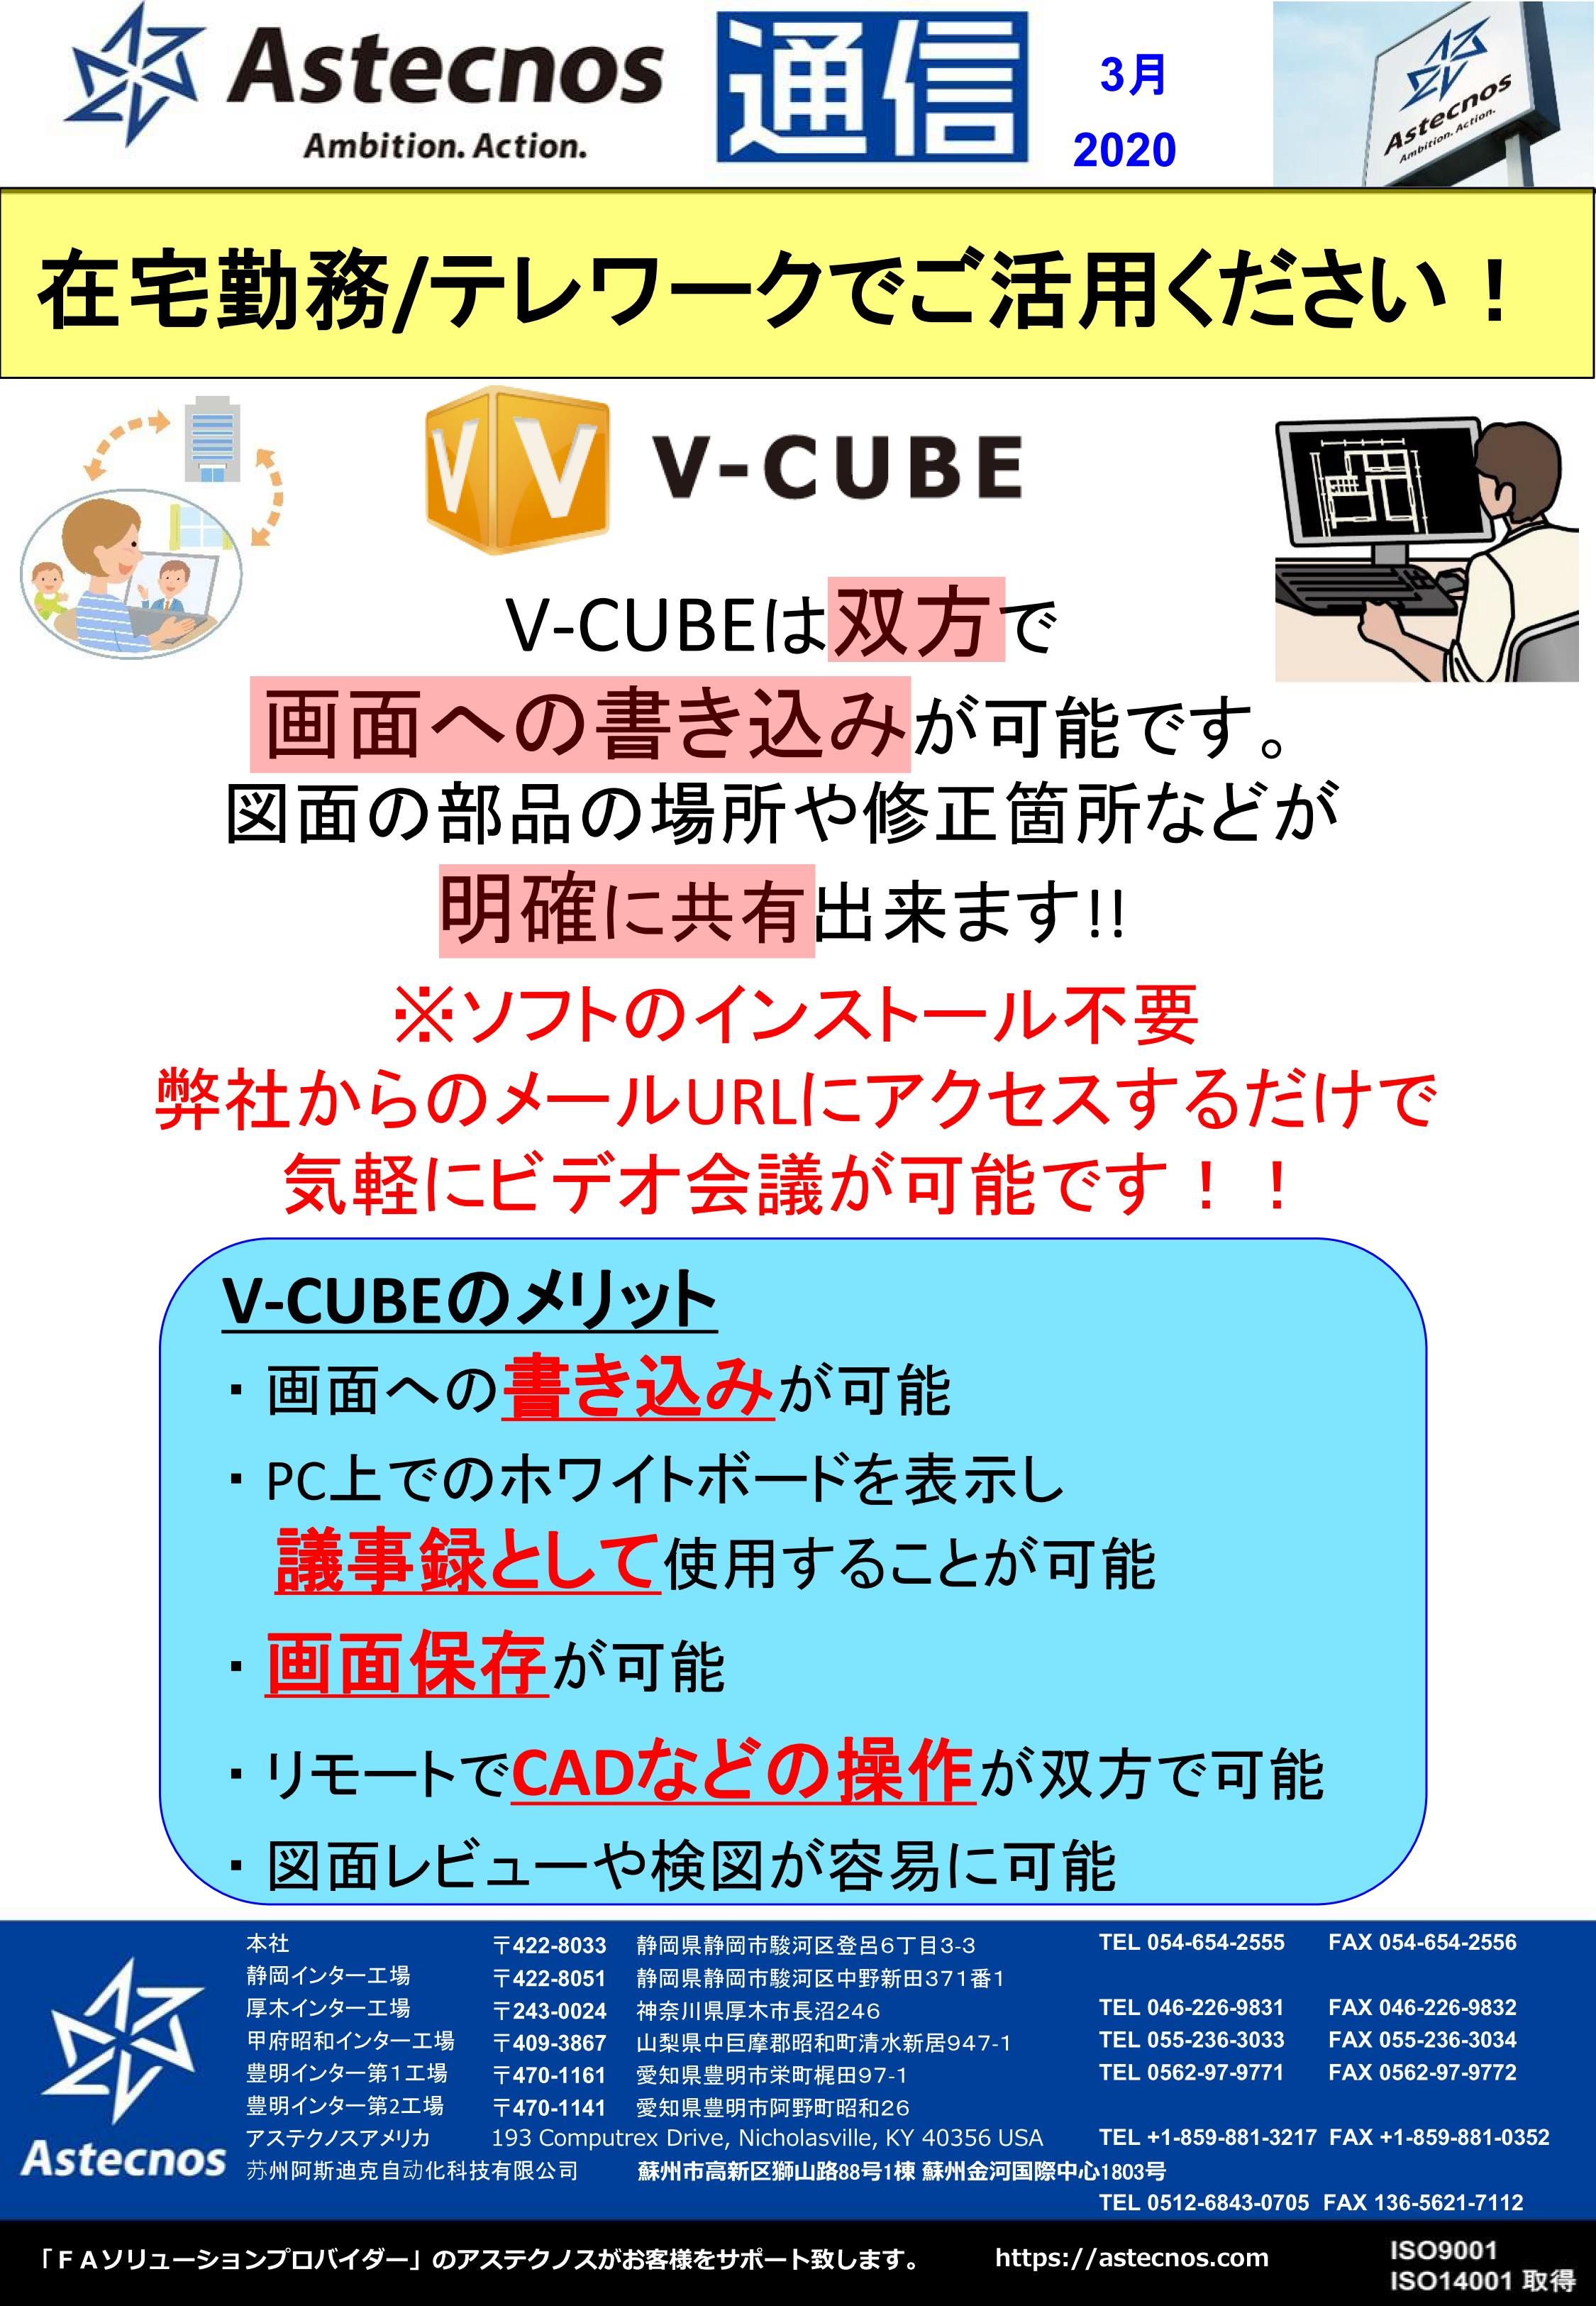 """2020.03月② """"V-CUBE""""を活用して気軽にビデオ会議が可能です!_01"""